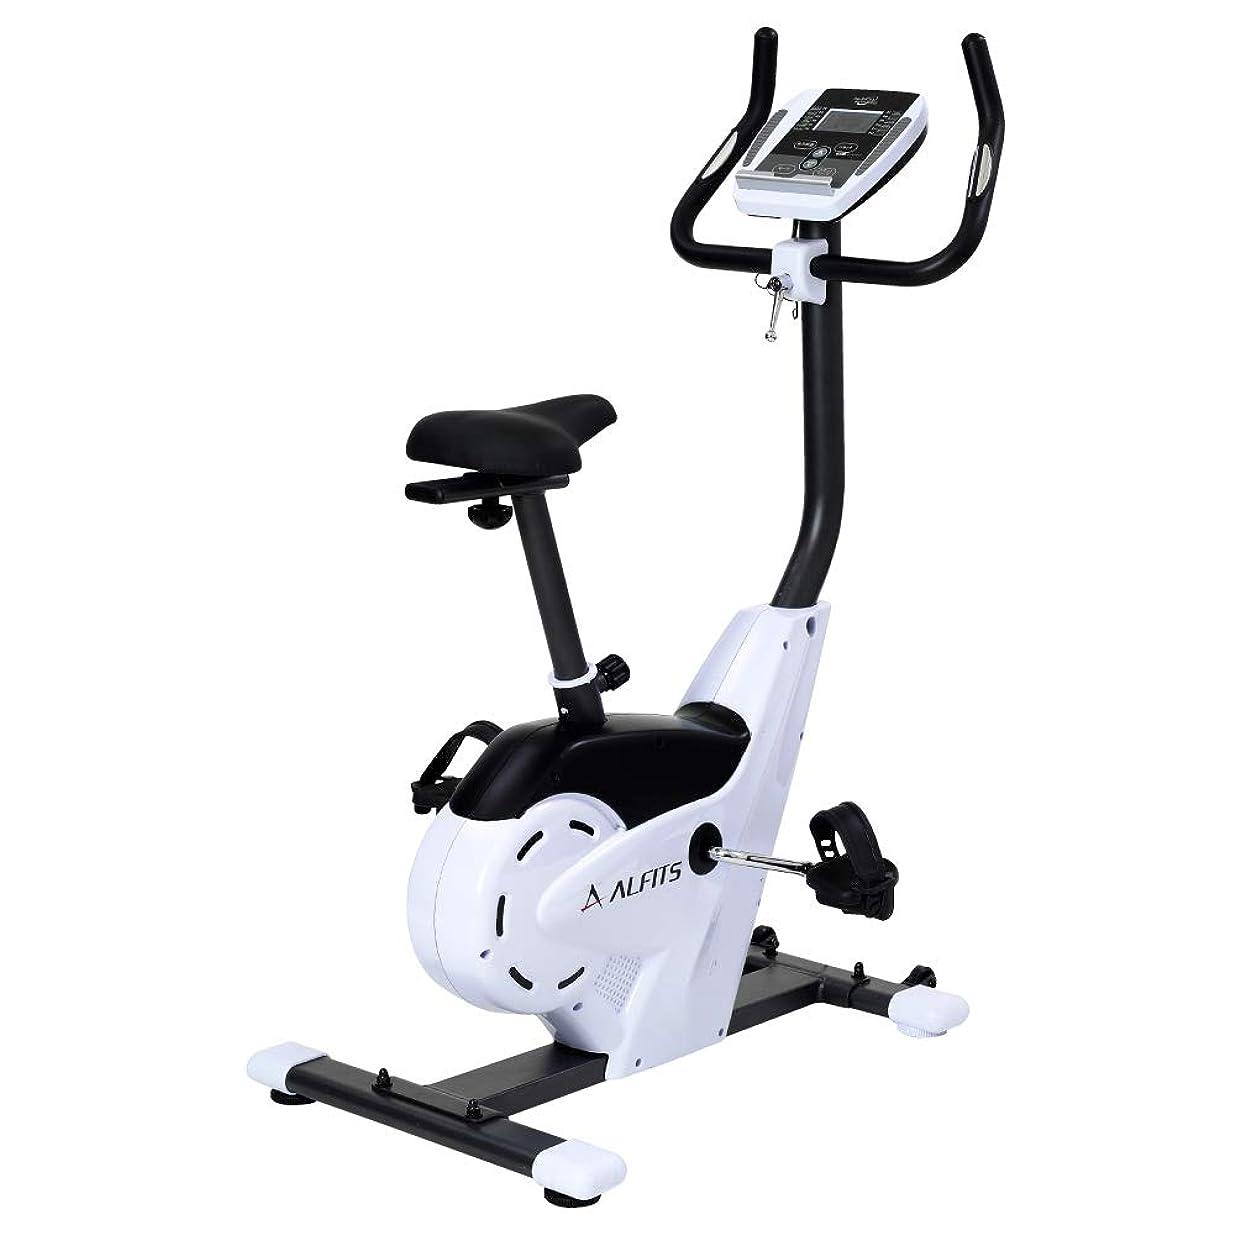 罰風景梨ALINCO(アルインコ) プログラムバイク AFB6216 16段階負荷調節 トレーニングメニュー付